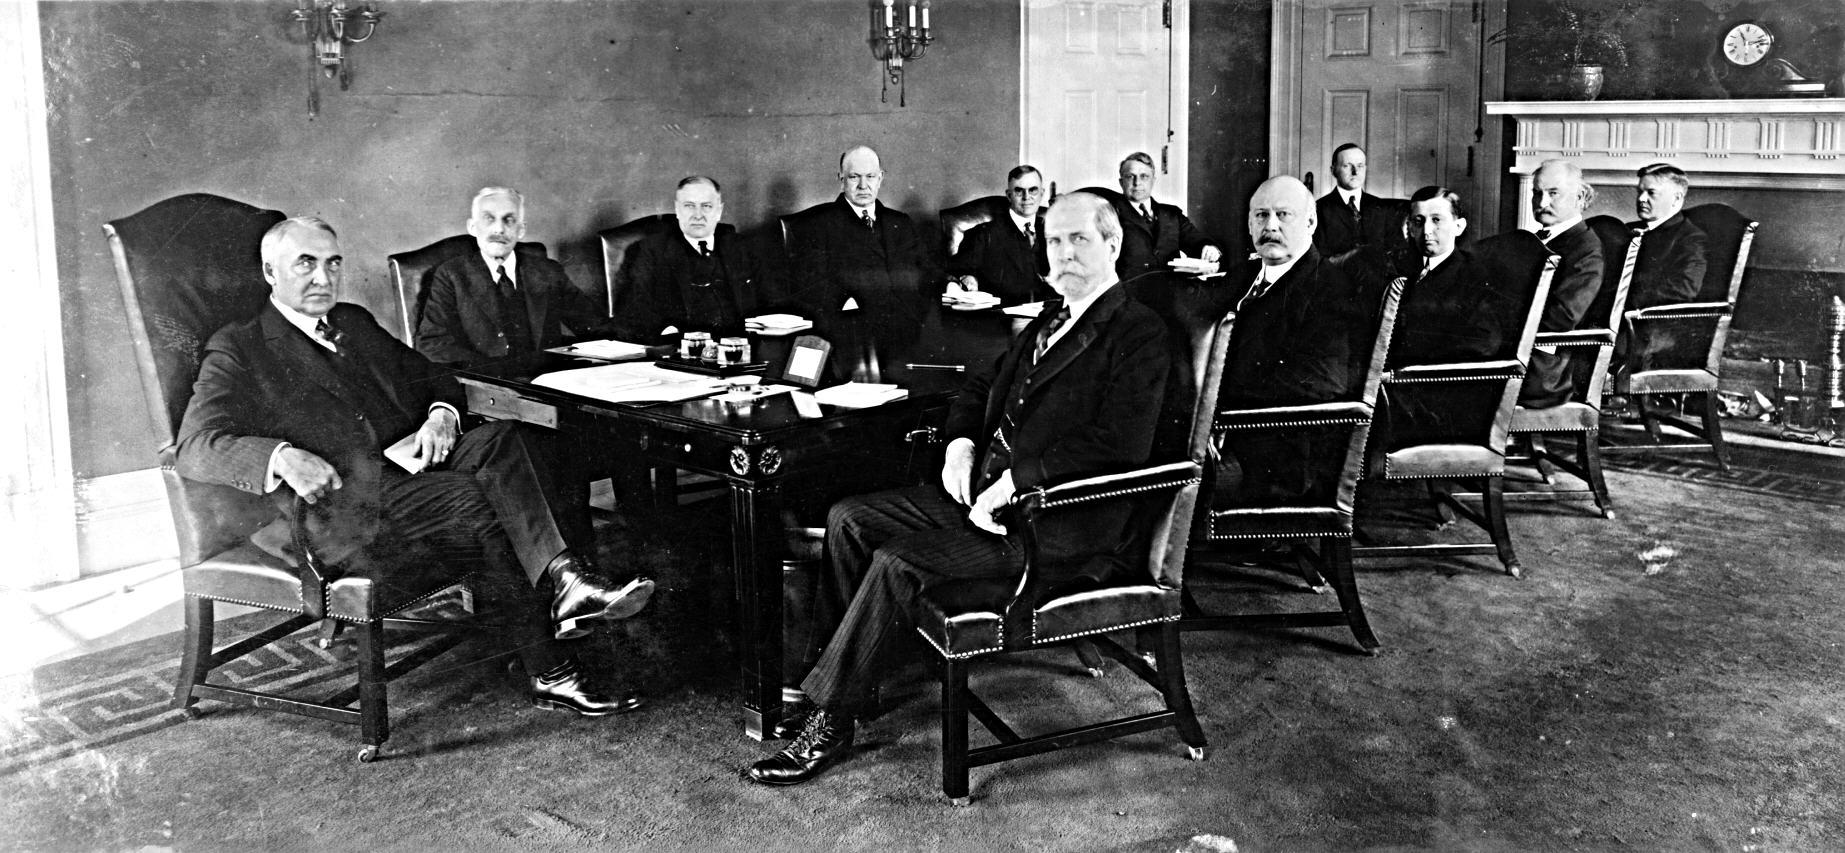 Washingtonin-lähettiläs A.H. Saastamoinen korosti Suomen tarvetta luoda hyvät suhteet Yhdysvaltain uuden presidentin Warren G. Hardingin hallintoon. Kuva: Wikimedia Commons